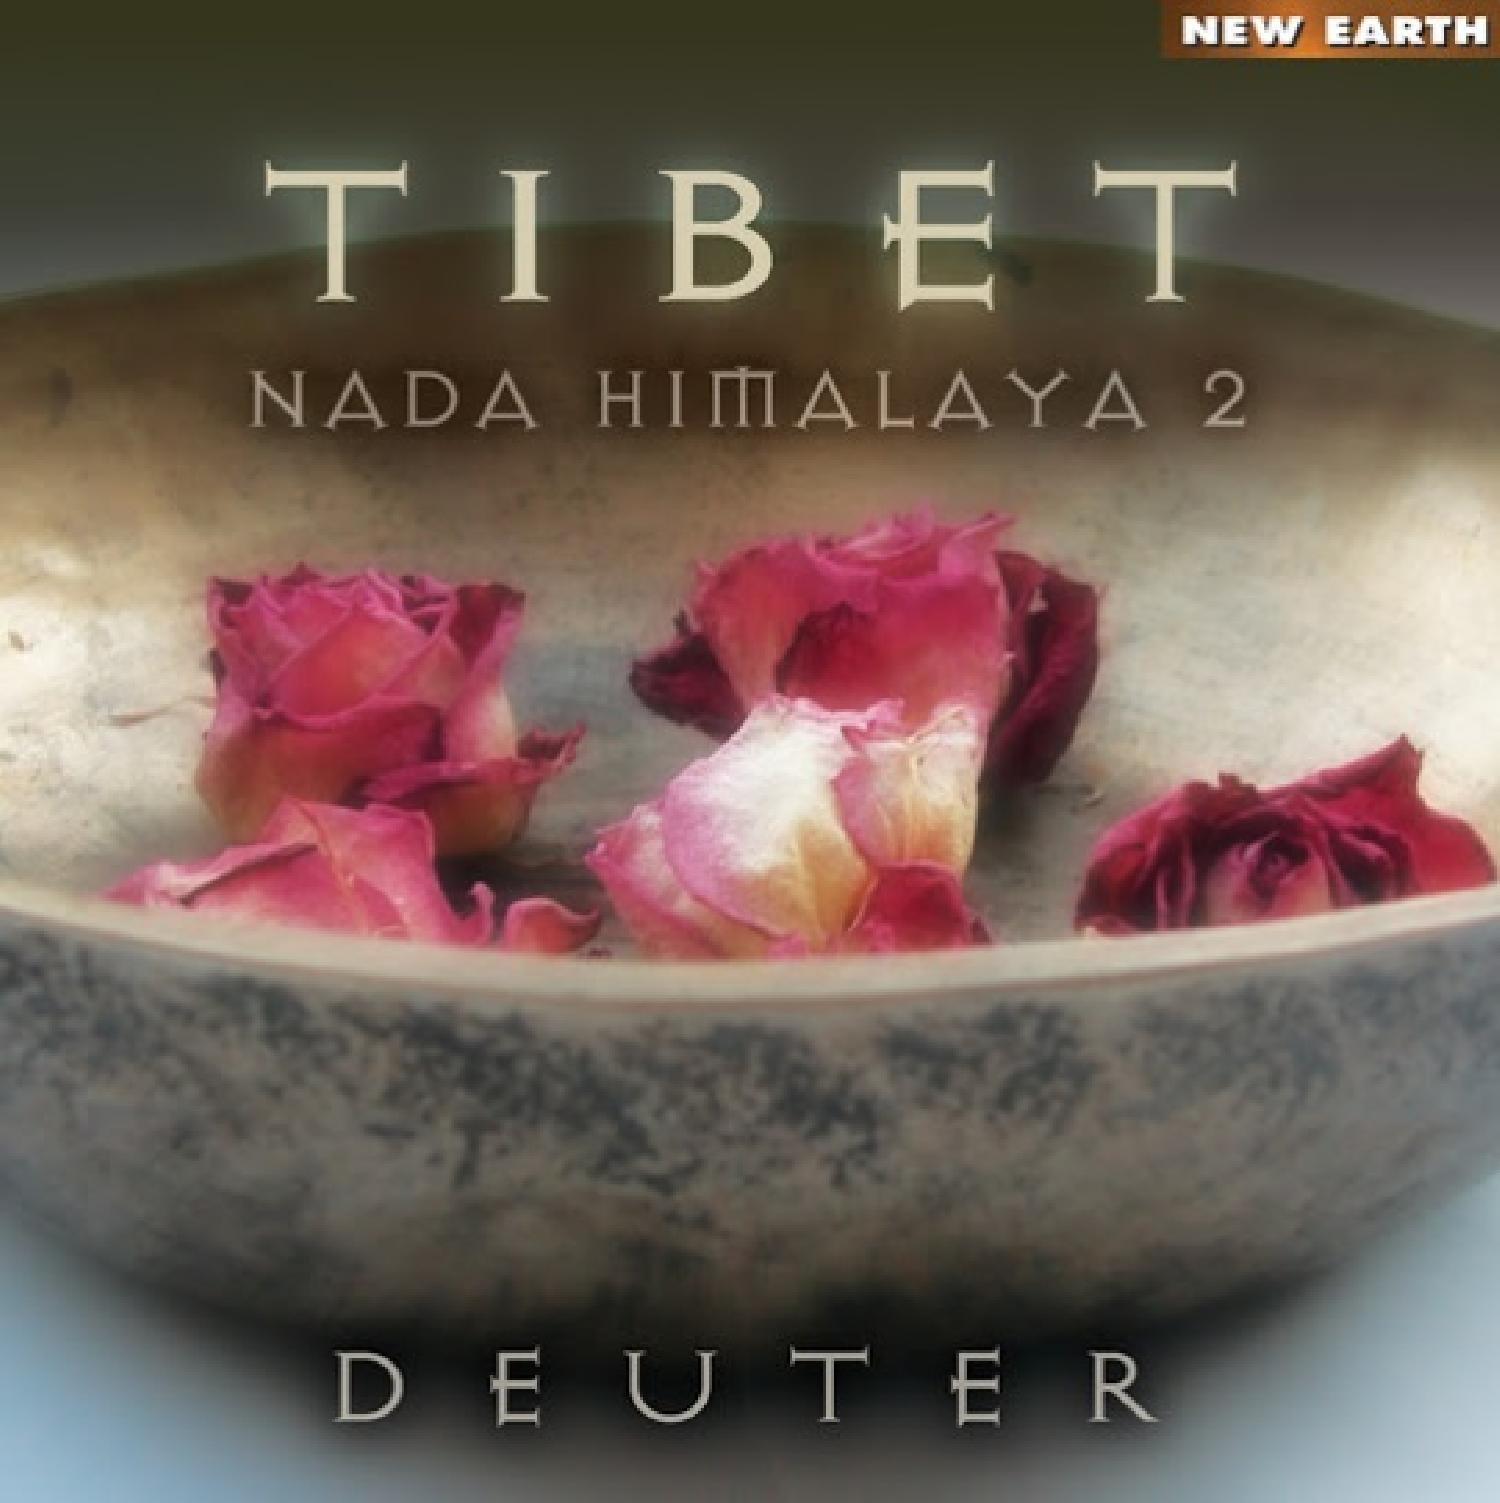 チベットの華  ナーダ・ヒマラヤ 2_画像_1